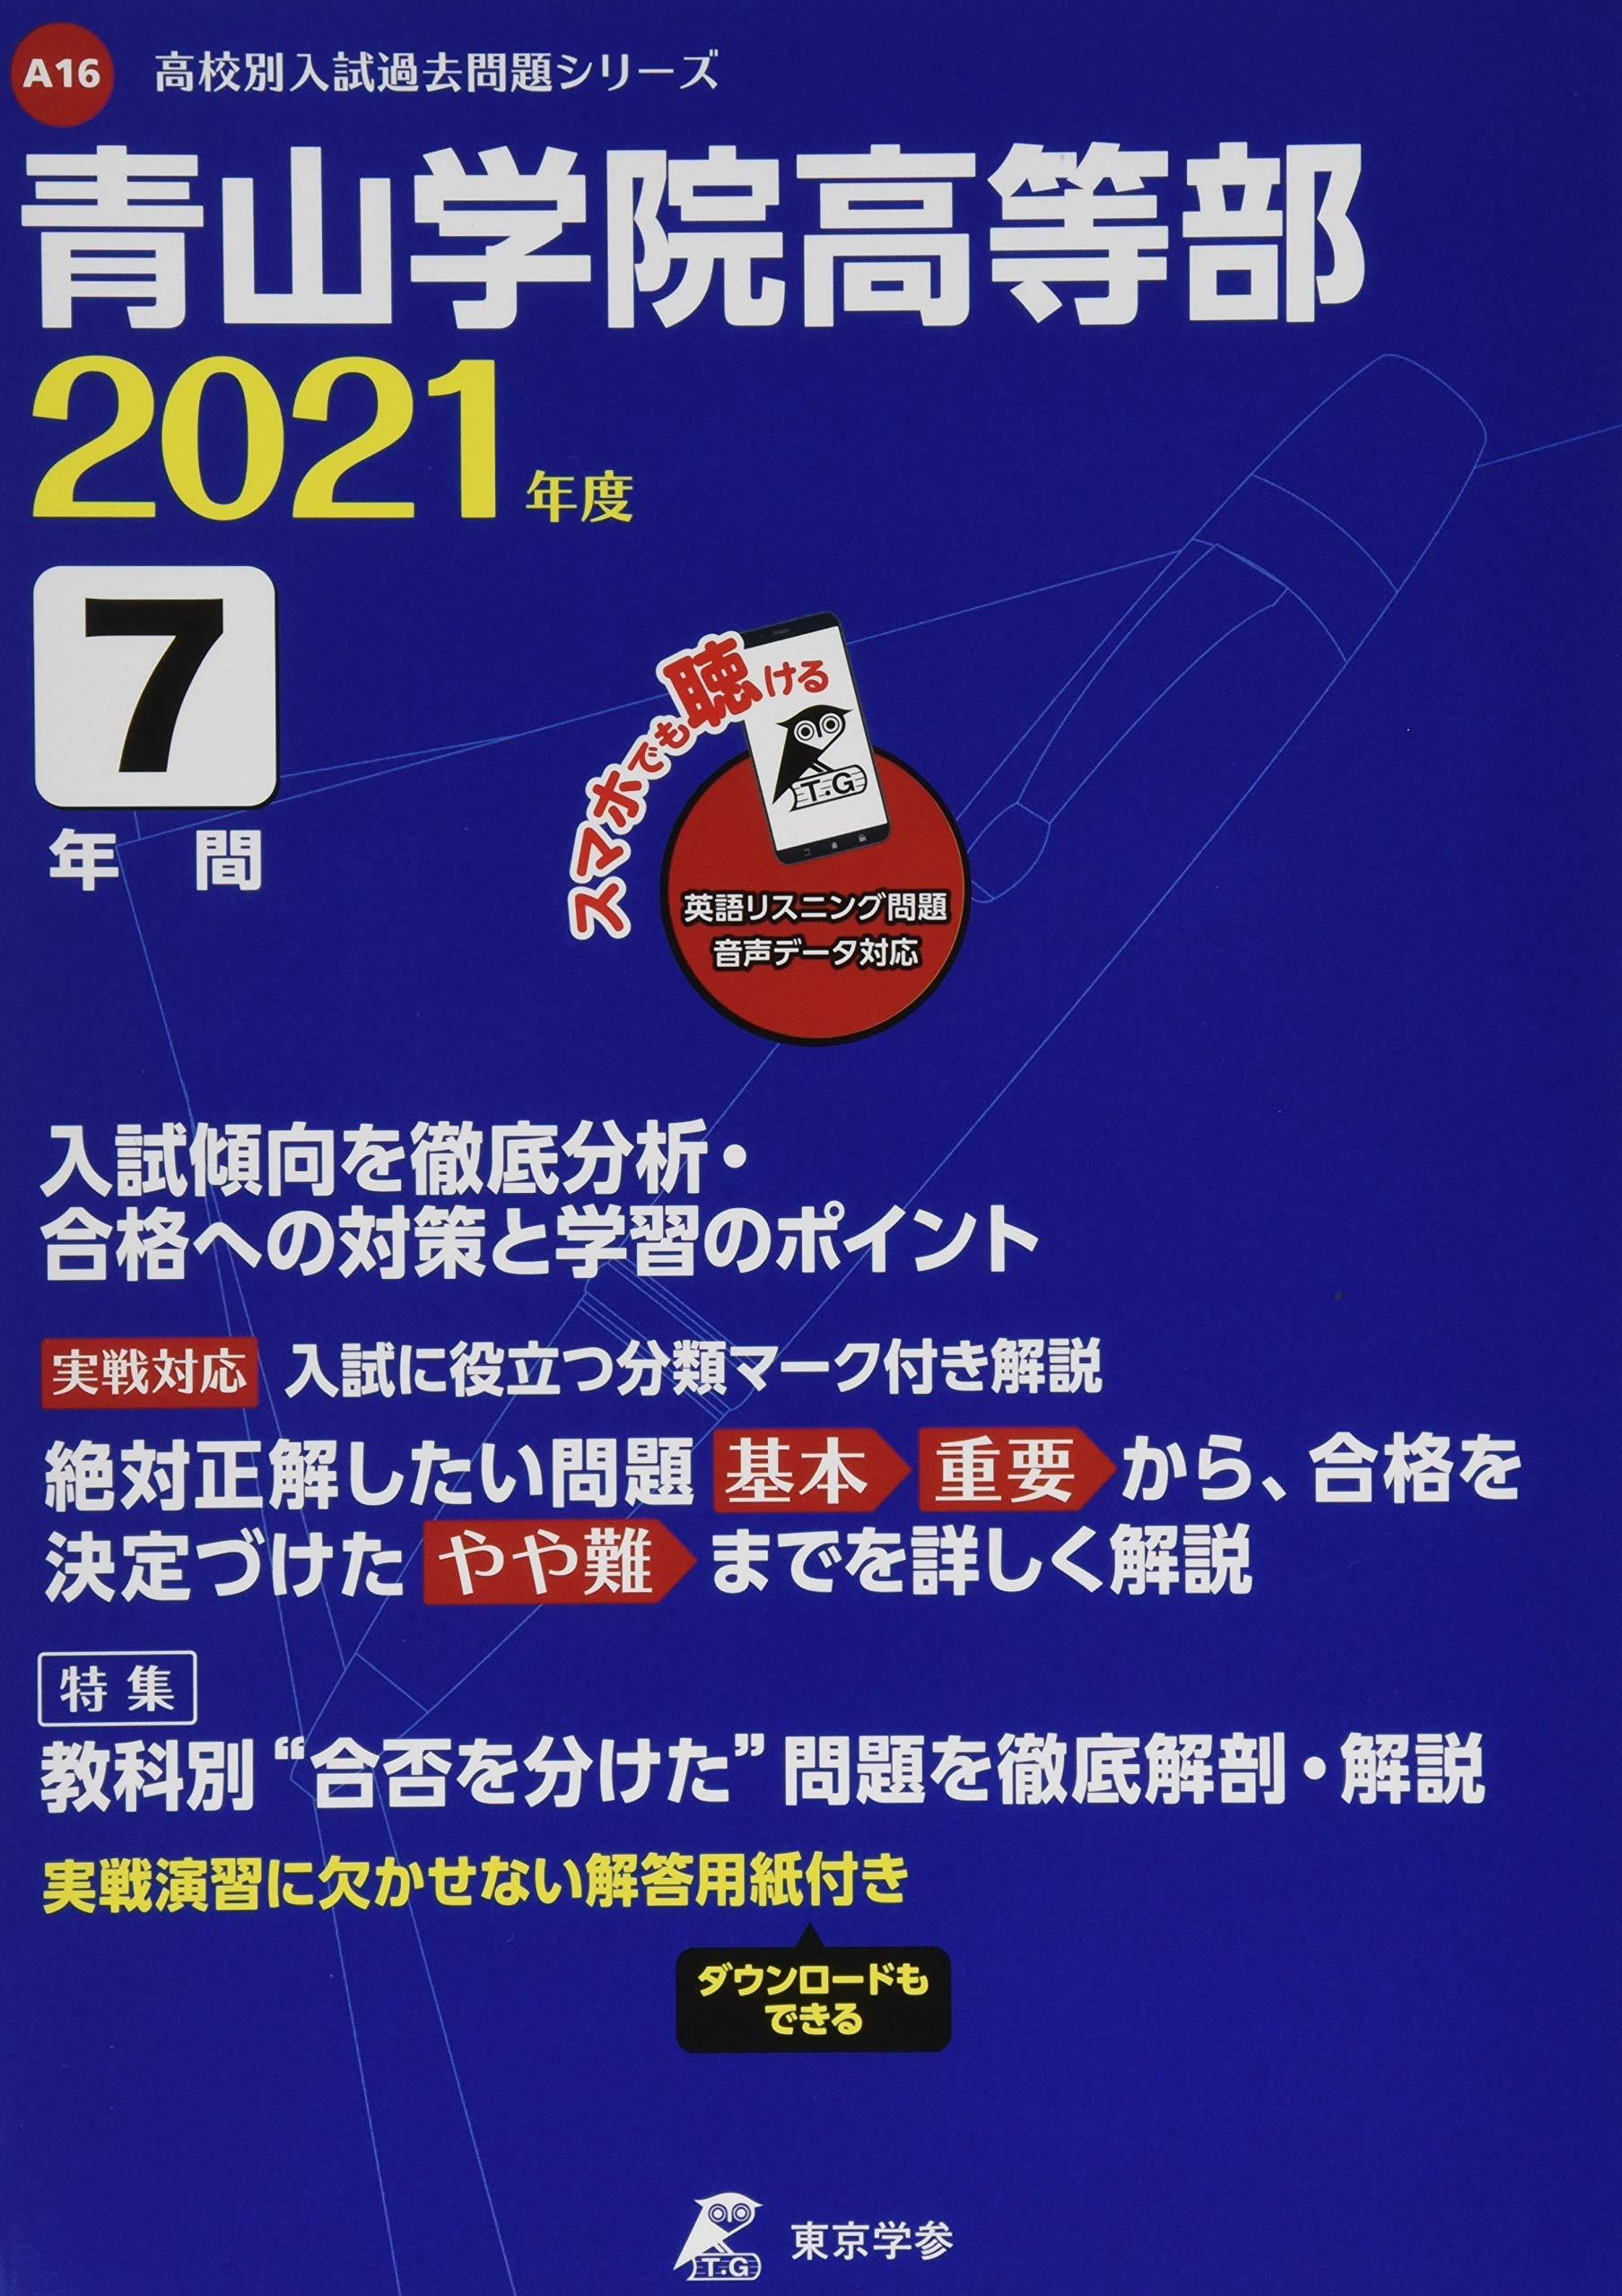 A16_2021(Back_Number)